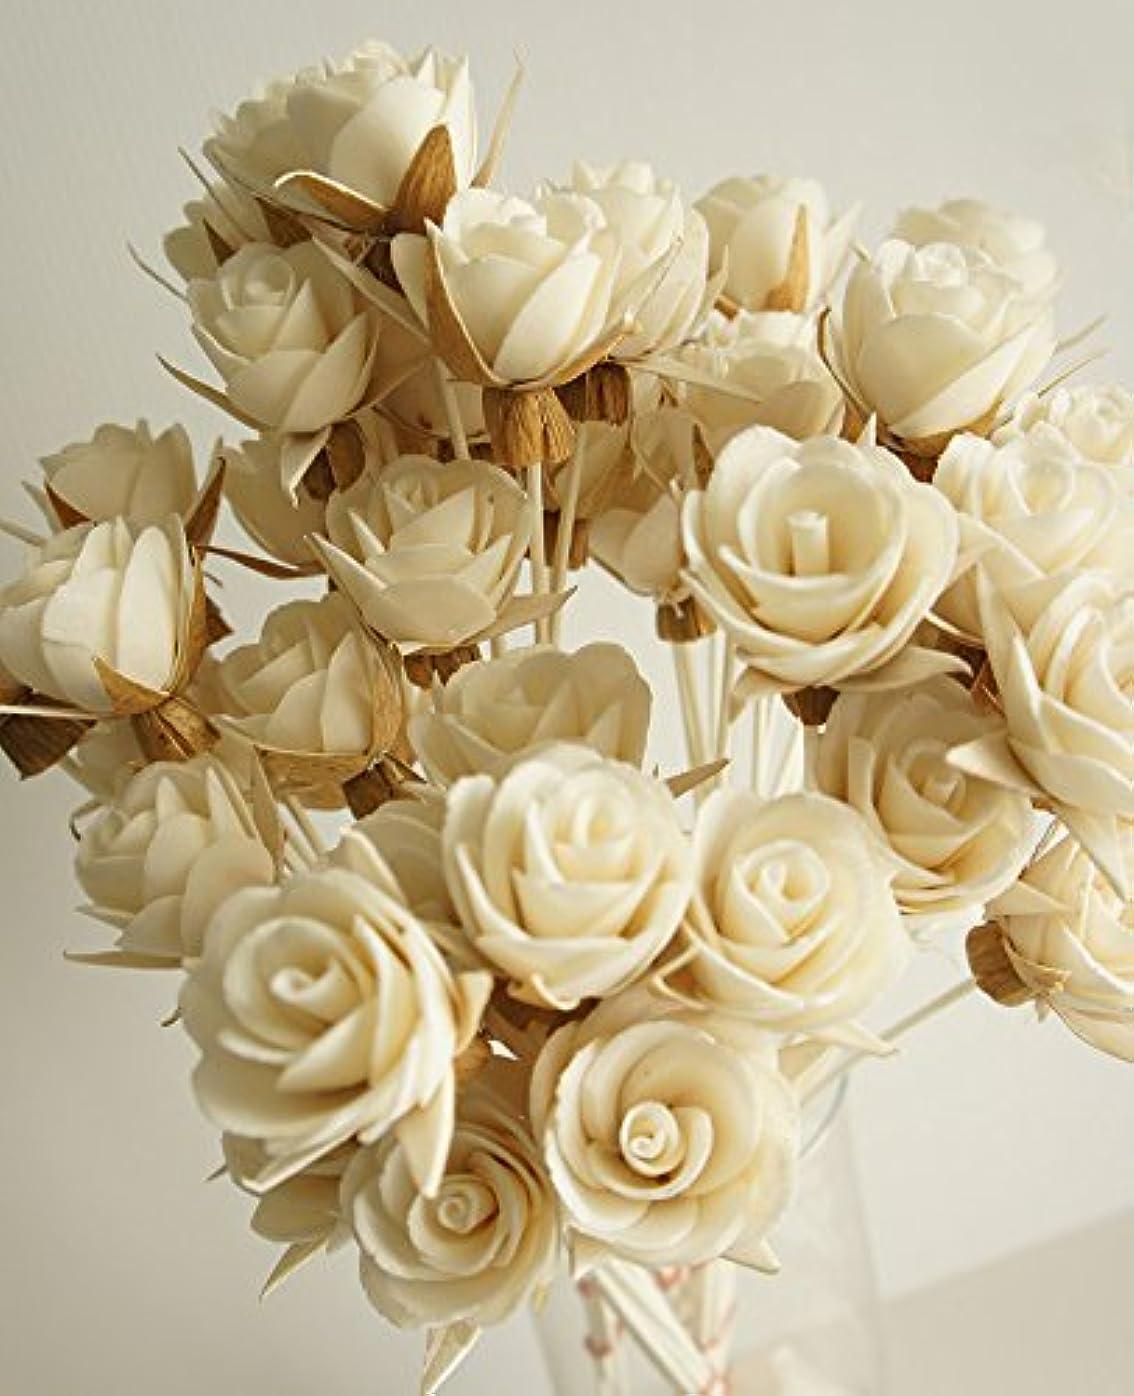 天気崩壊ポークエキゾチックエレガンスのセット50ローズデザインSola Flowerスティックfor Aroma Diffuser直径1.5。」